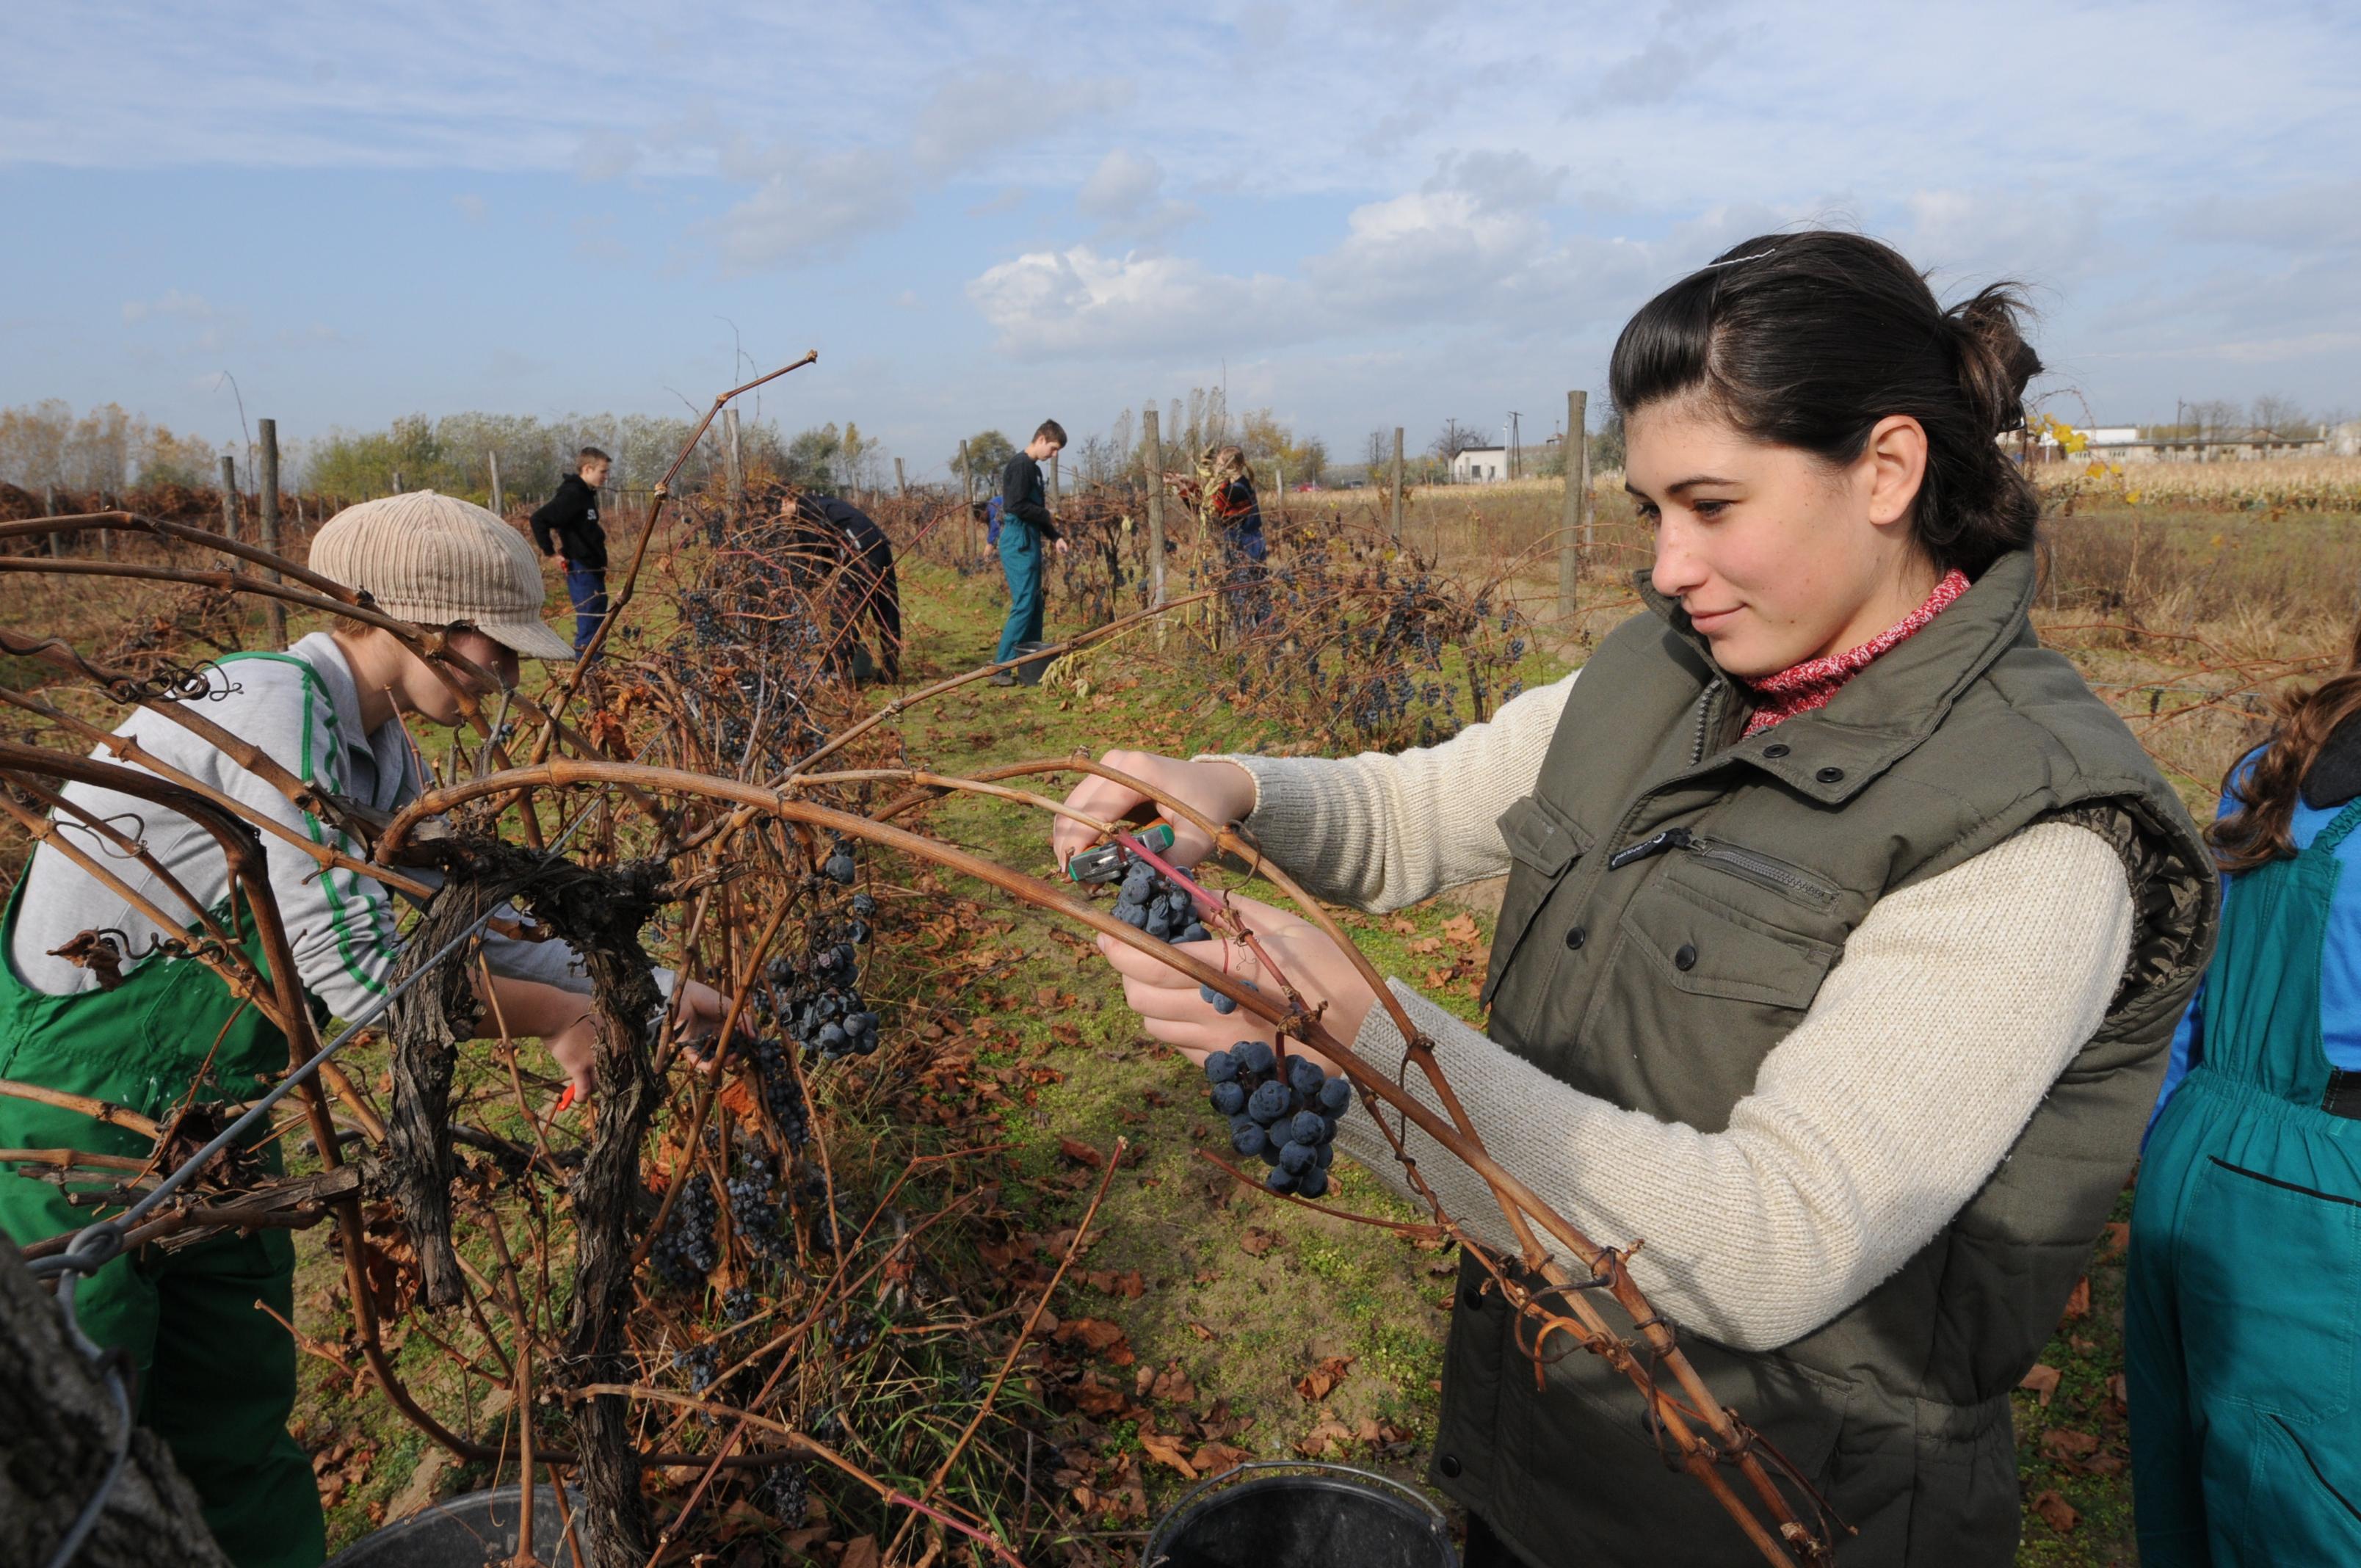 Konkurs za finansiranje intenziviranja korišćenja poljoprivrednog zemljišta kojim raspolažu srednje poljoprivredne škole ‒ putem nabavke opreme